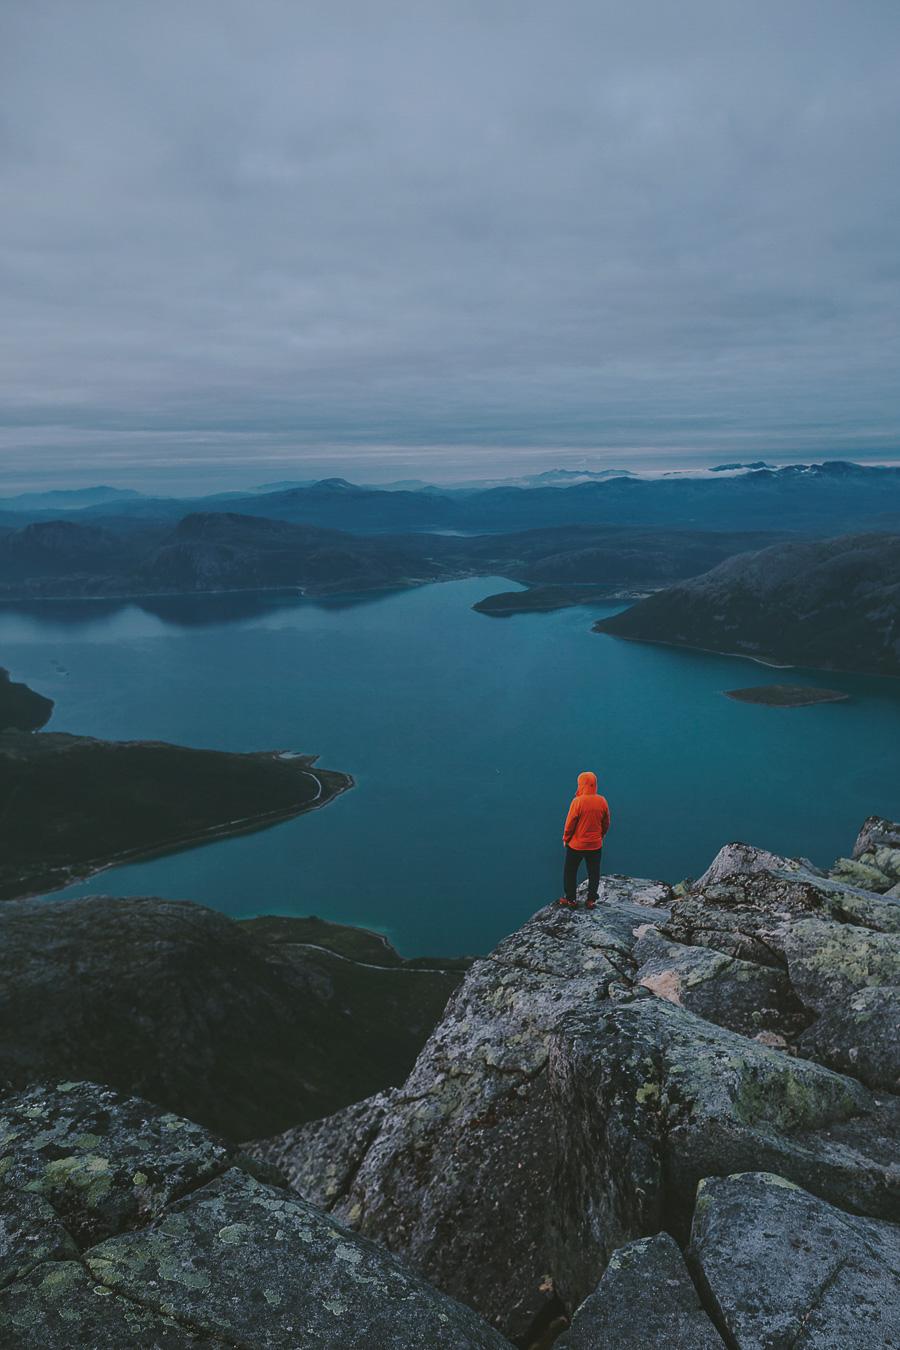 Man in orange jacket enjoying the view